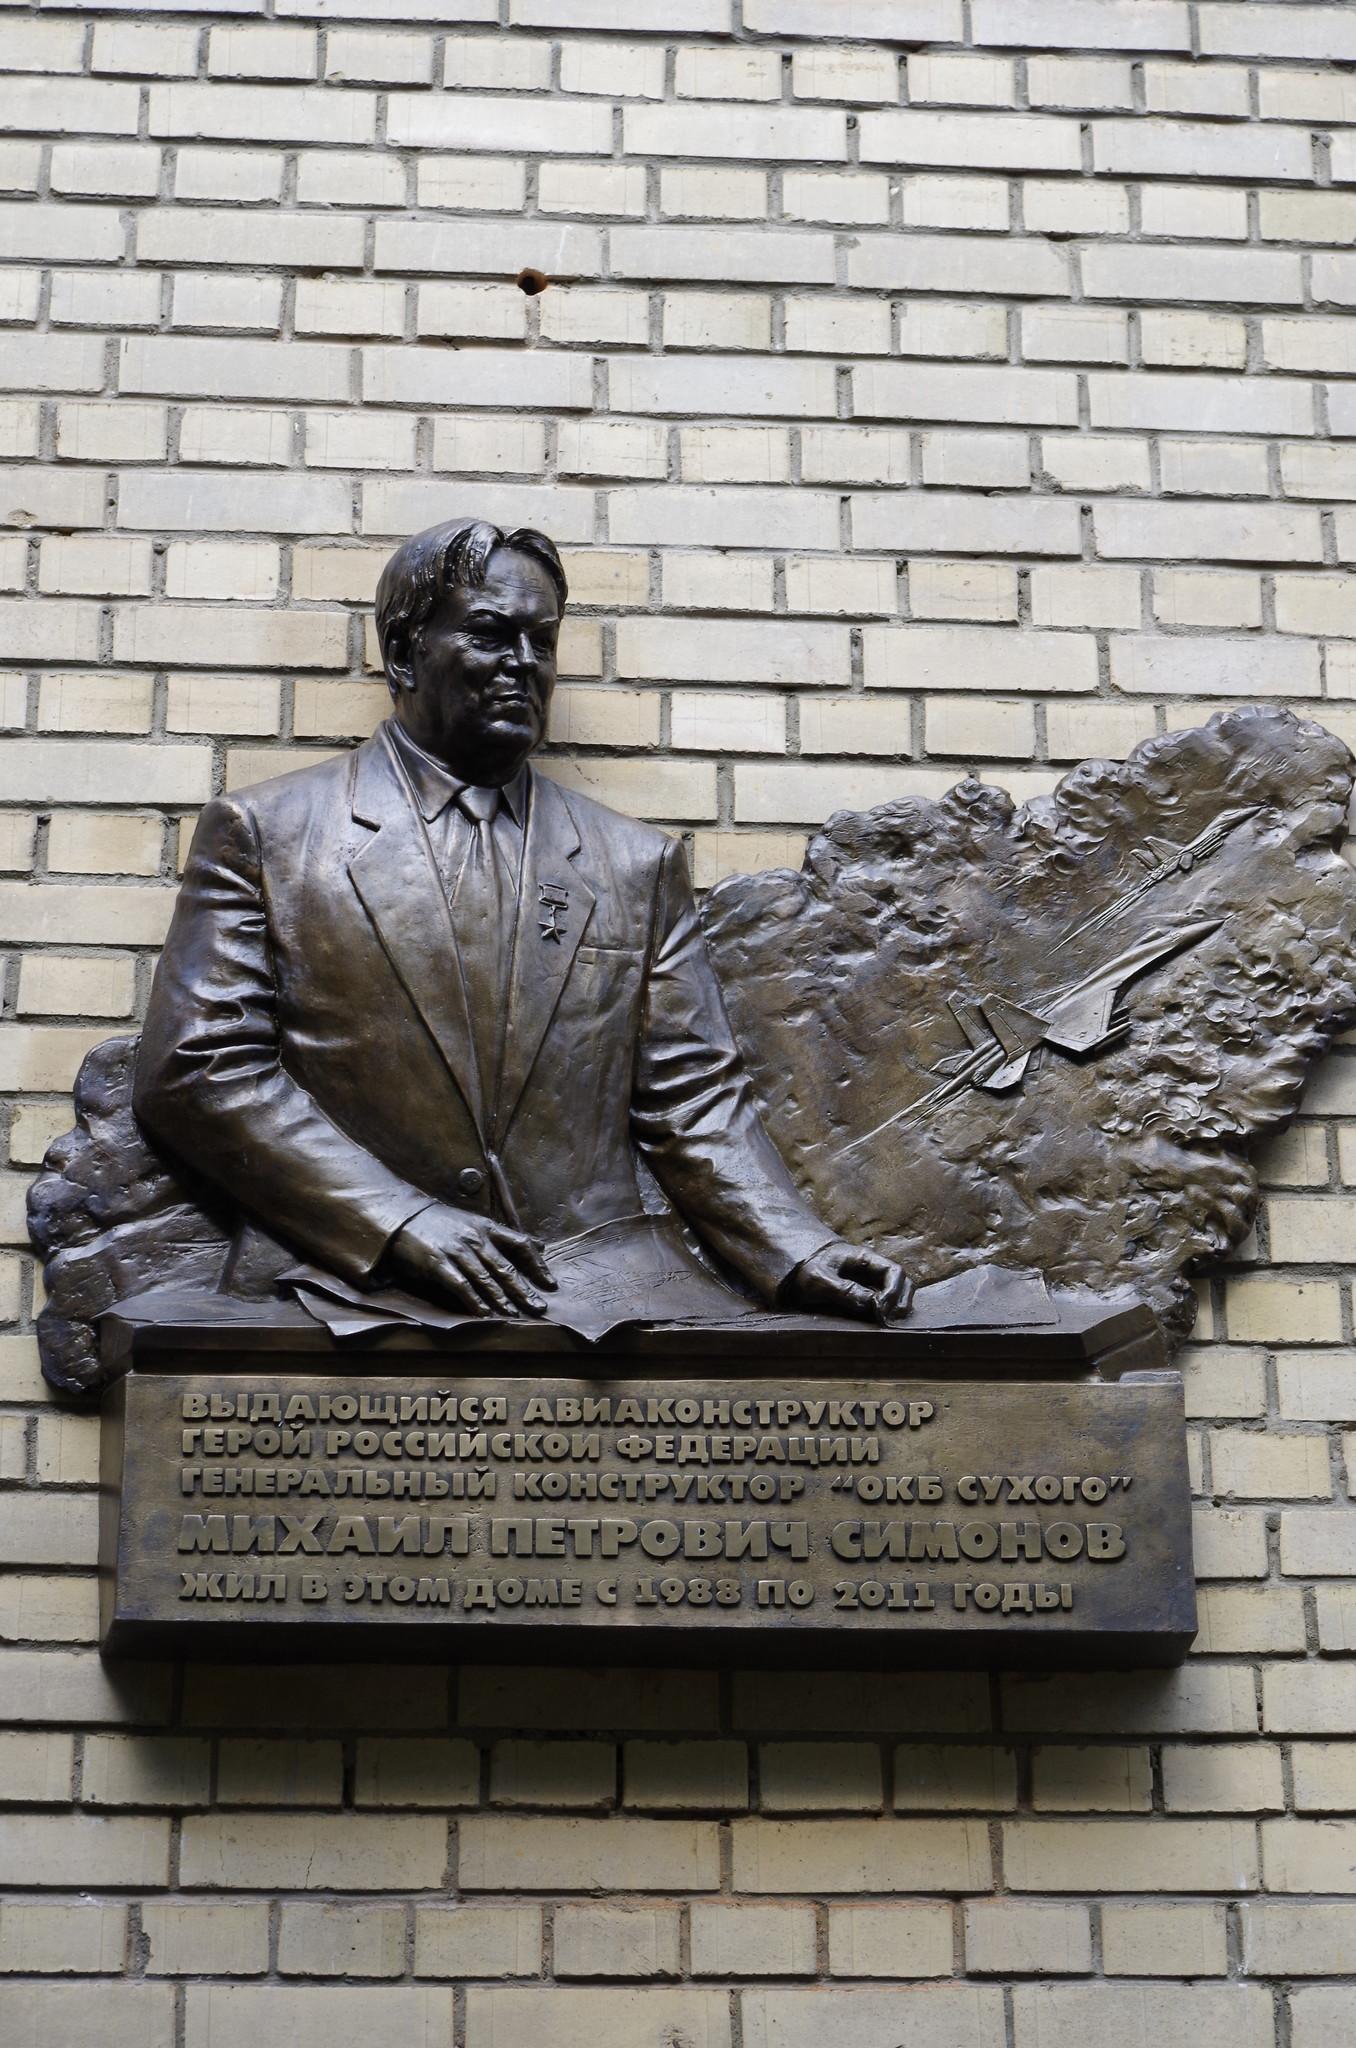 Мемориальная доска выдающегося авиастроителя Михаила Петровича Симонова (Конаковский проезд, дом 8, корпус 2)